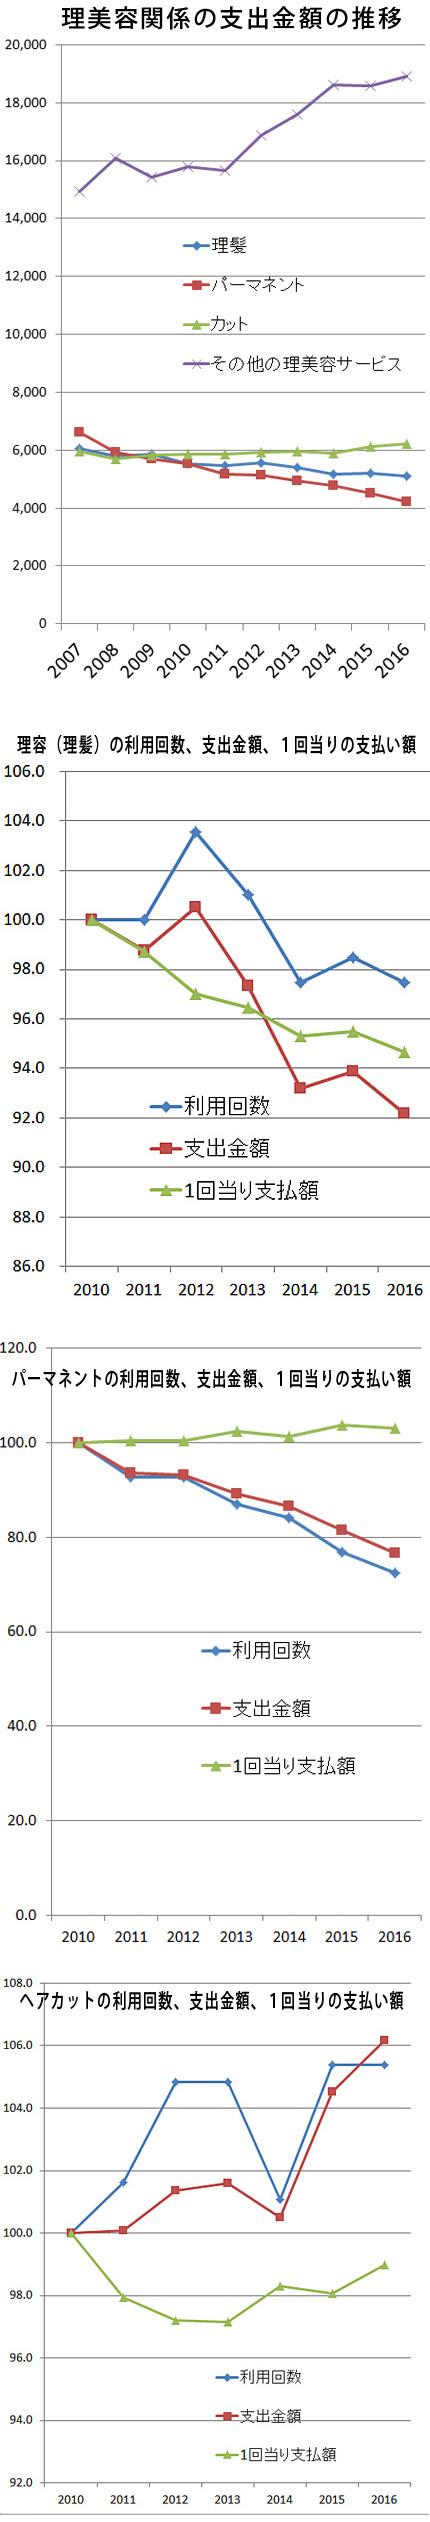 2016年「家計調査」(年次、二人以上の世帯)より。下の理容(理髪)、パーマネント、ヘアカットは指数(2010年=100)で表示した